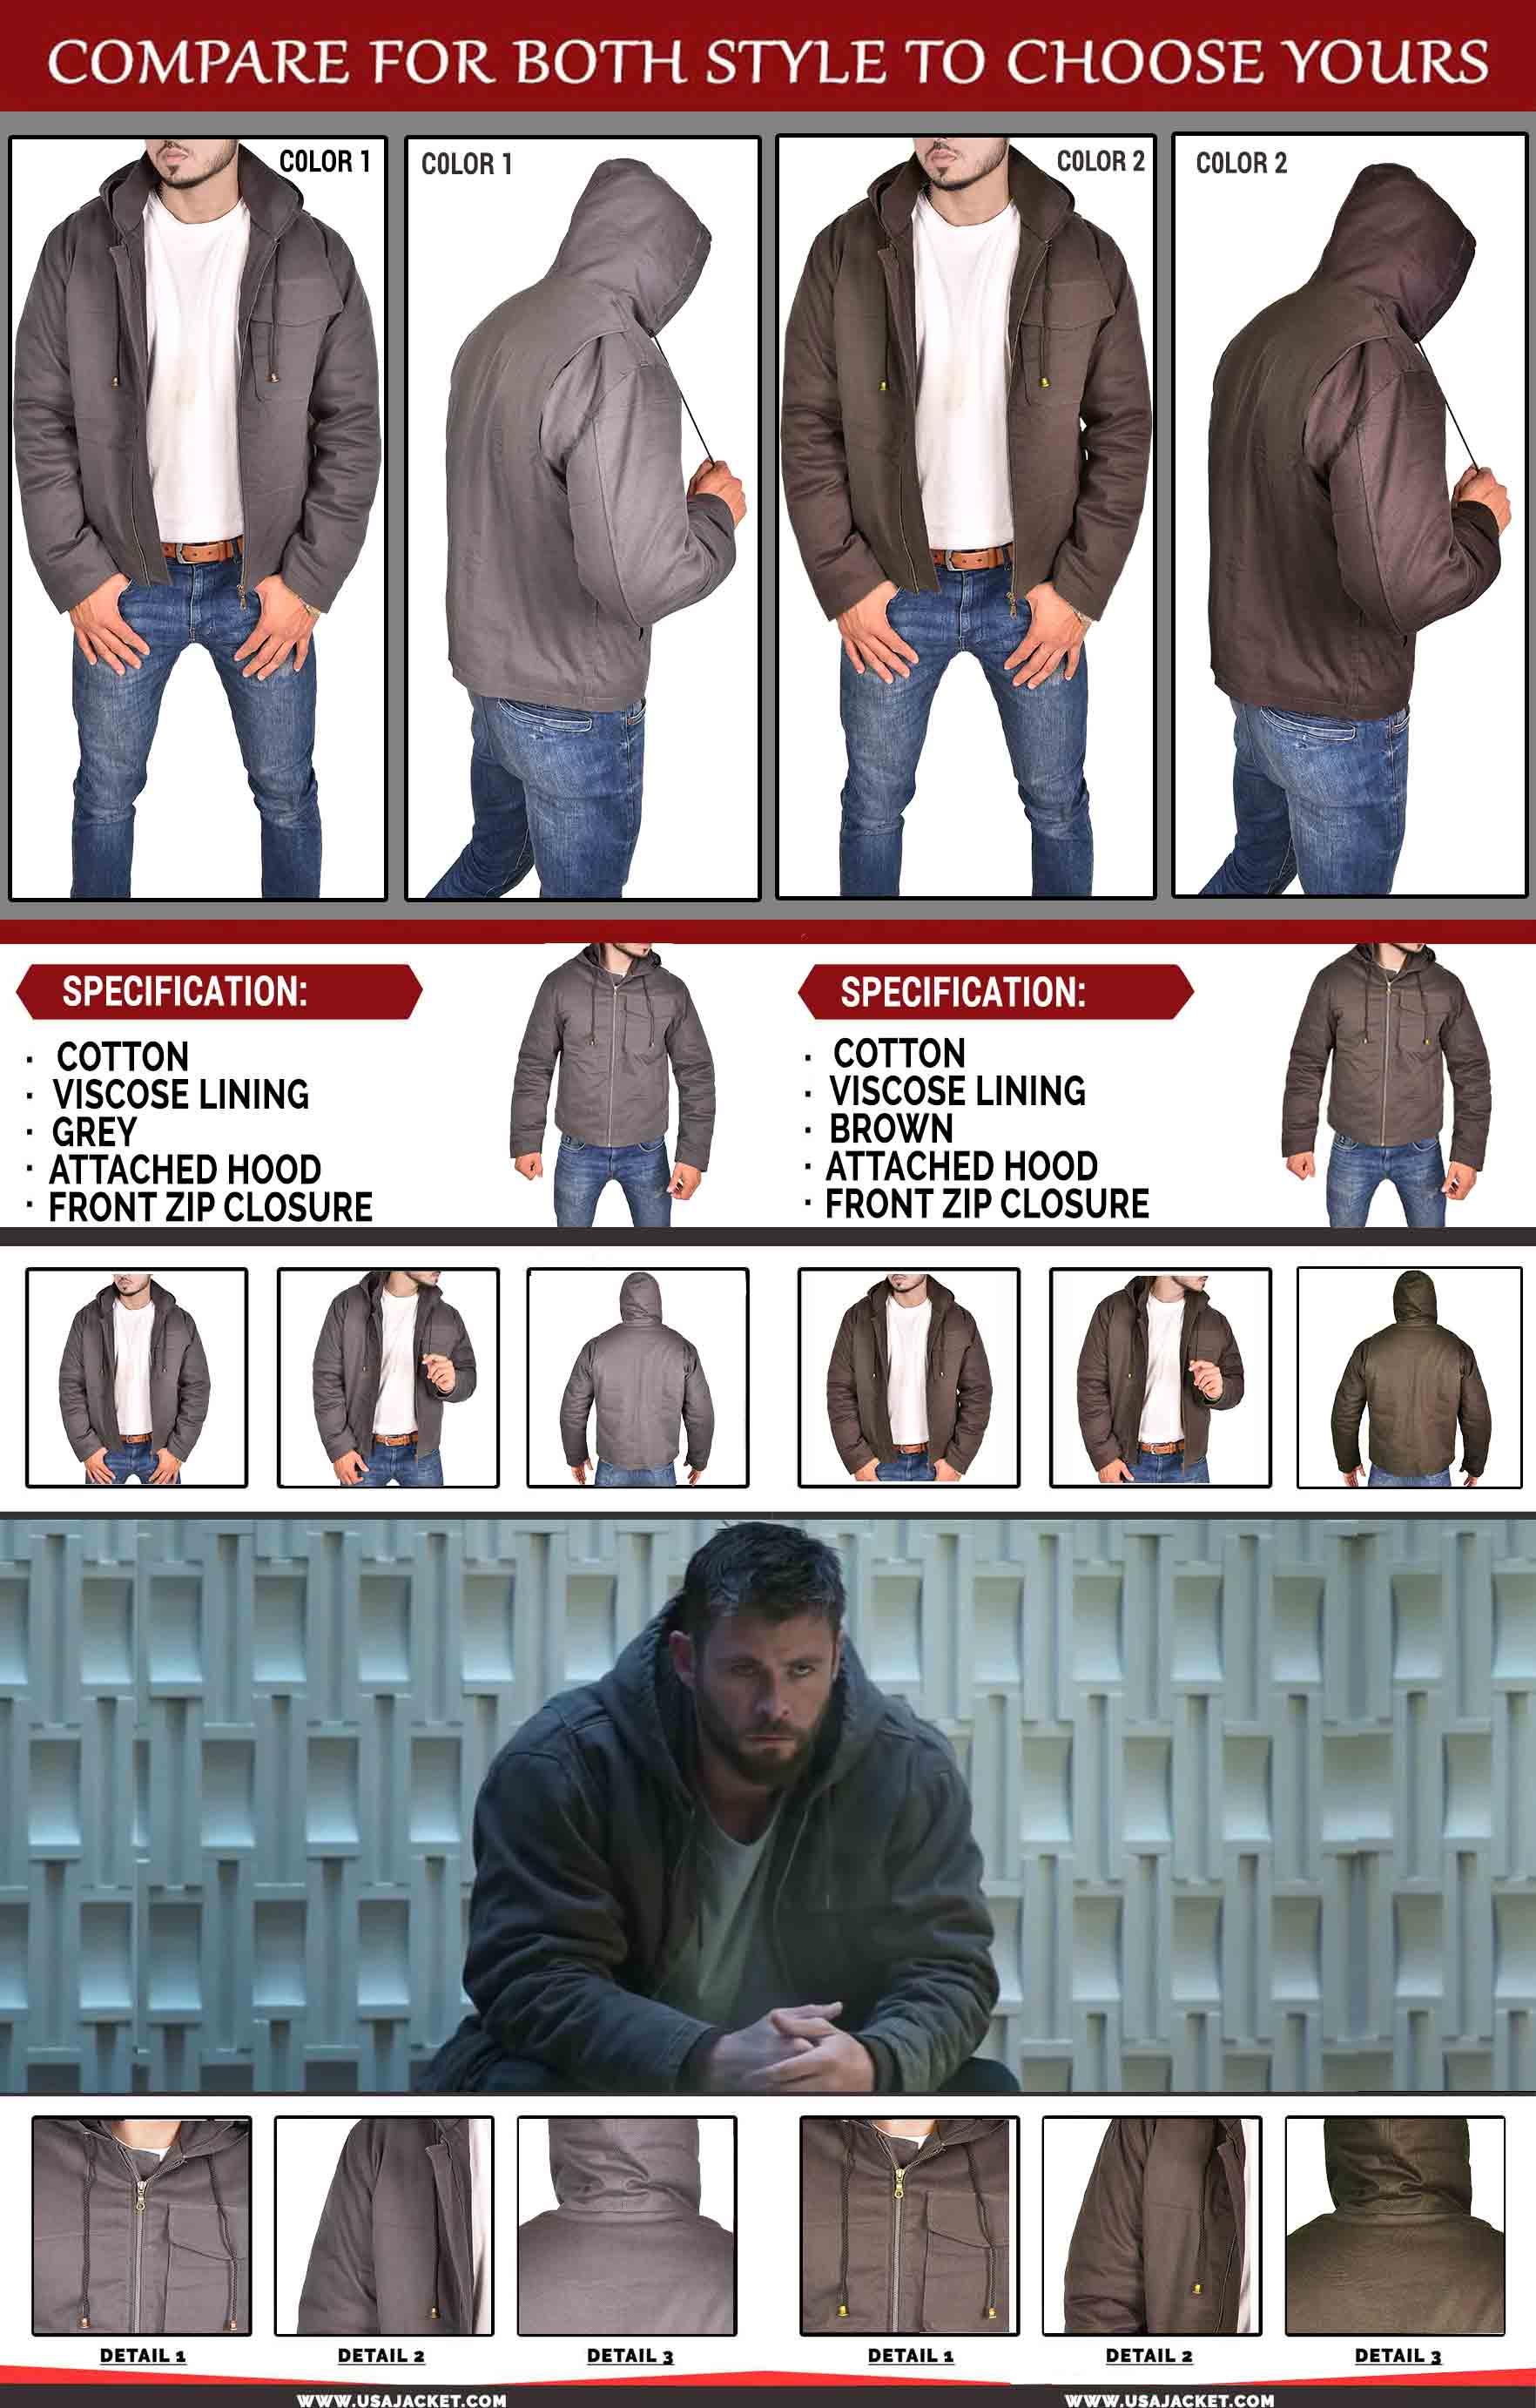 Avengers Endgame Thor Jacket Infogrphic